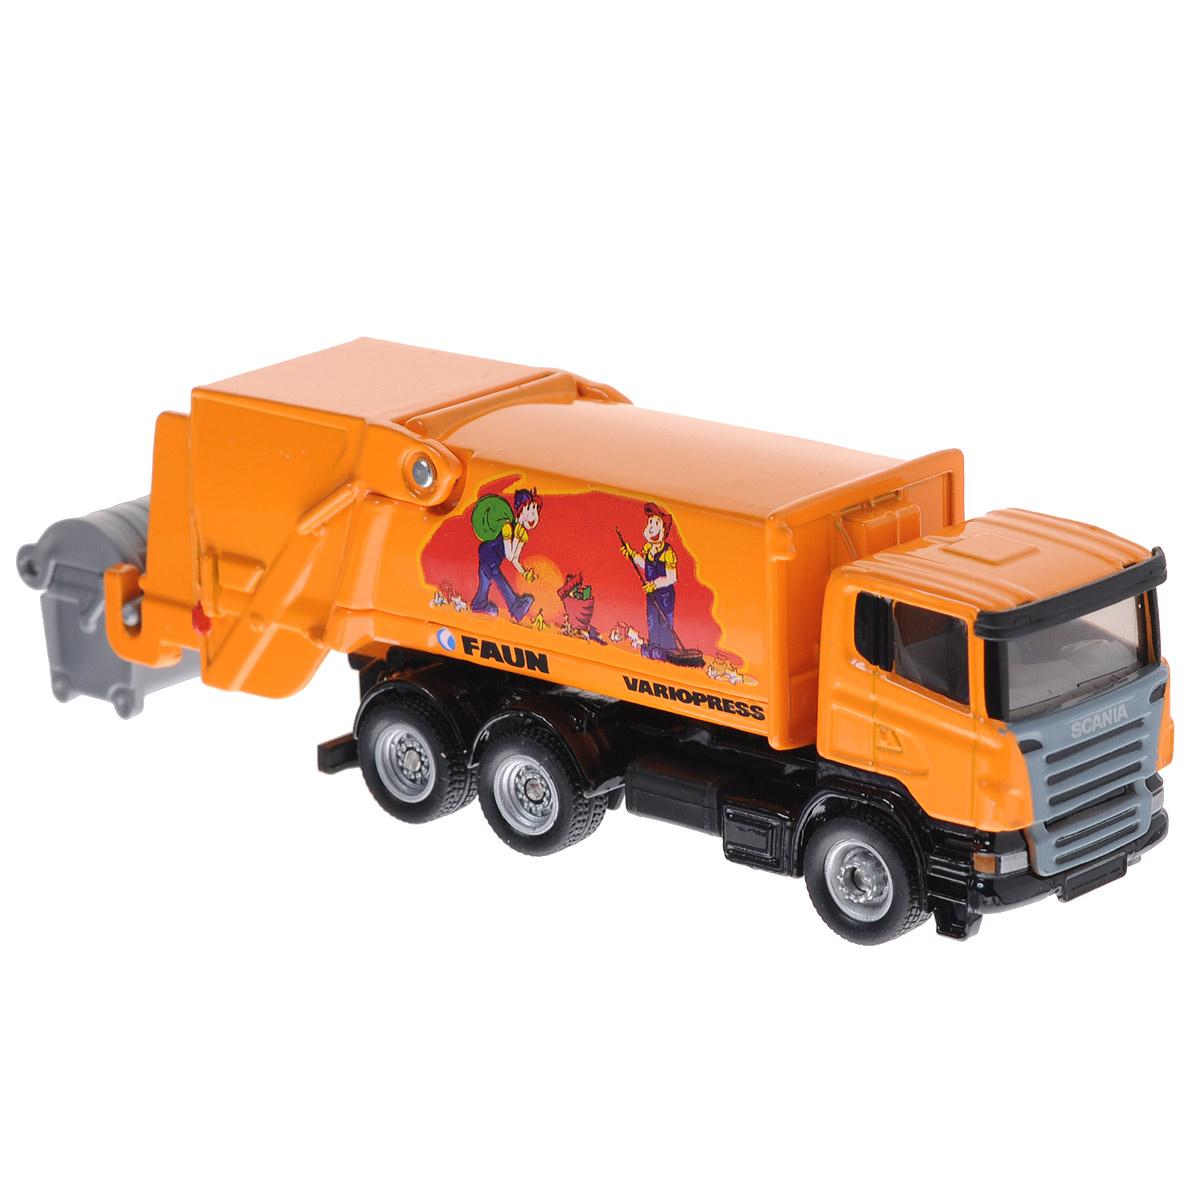 Siku Мусоровоз Scania-R Faun1890Коллекционная модель Siku Мусоровоз выполнена в виде точной копии мусоровоза в масштабе 1/87. Такая модель понравится не только ребенку, но и взрослому коллекционеру и приятно удивит вас высочайшим качеством исполнения. Корпус мусоровоза выполнен из металла, стекла кабины водителя выполнены из прочного пластика, колесики - из резины. Колесики модели вращаются. Мусоросборник и кузов кабины подвижны, поднимаются и опускаются. В комплект входит мусорный бак с откидывающейся крышкой. Коллекционная модель отличается великолепным качеством исполнения и детальной проработкой, она станет не только интересной игрушкой для ребенка, интересующегося автотехникой, но и займет достойное место в любой коллекции.